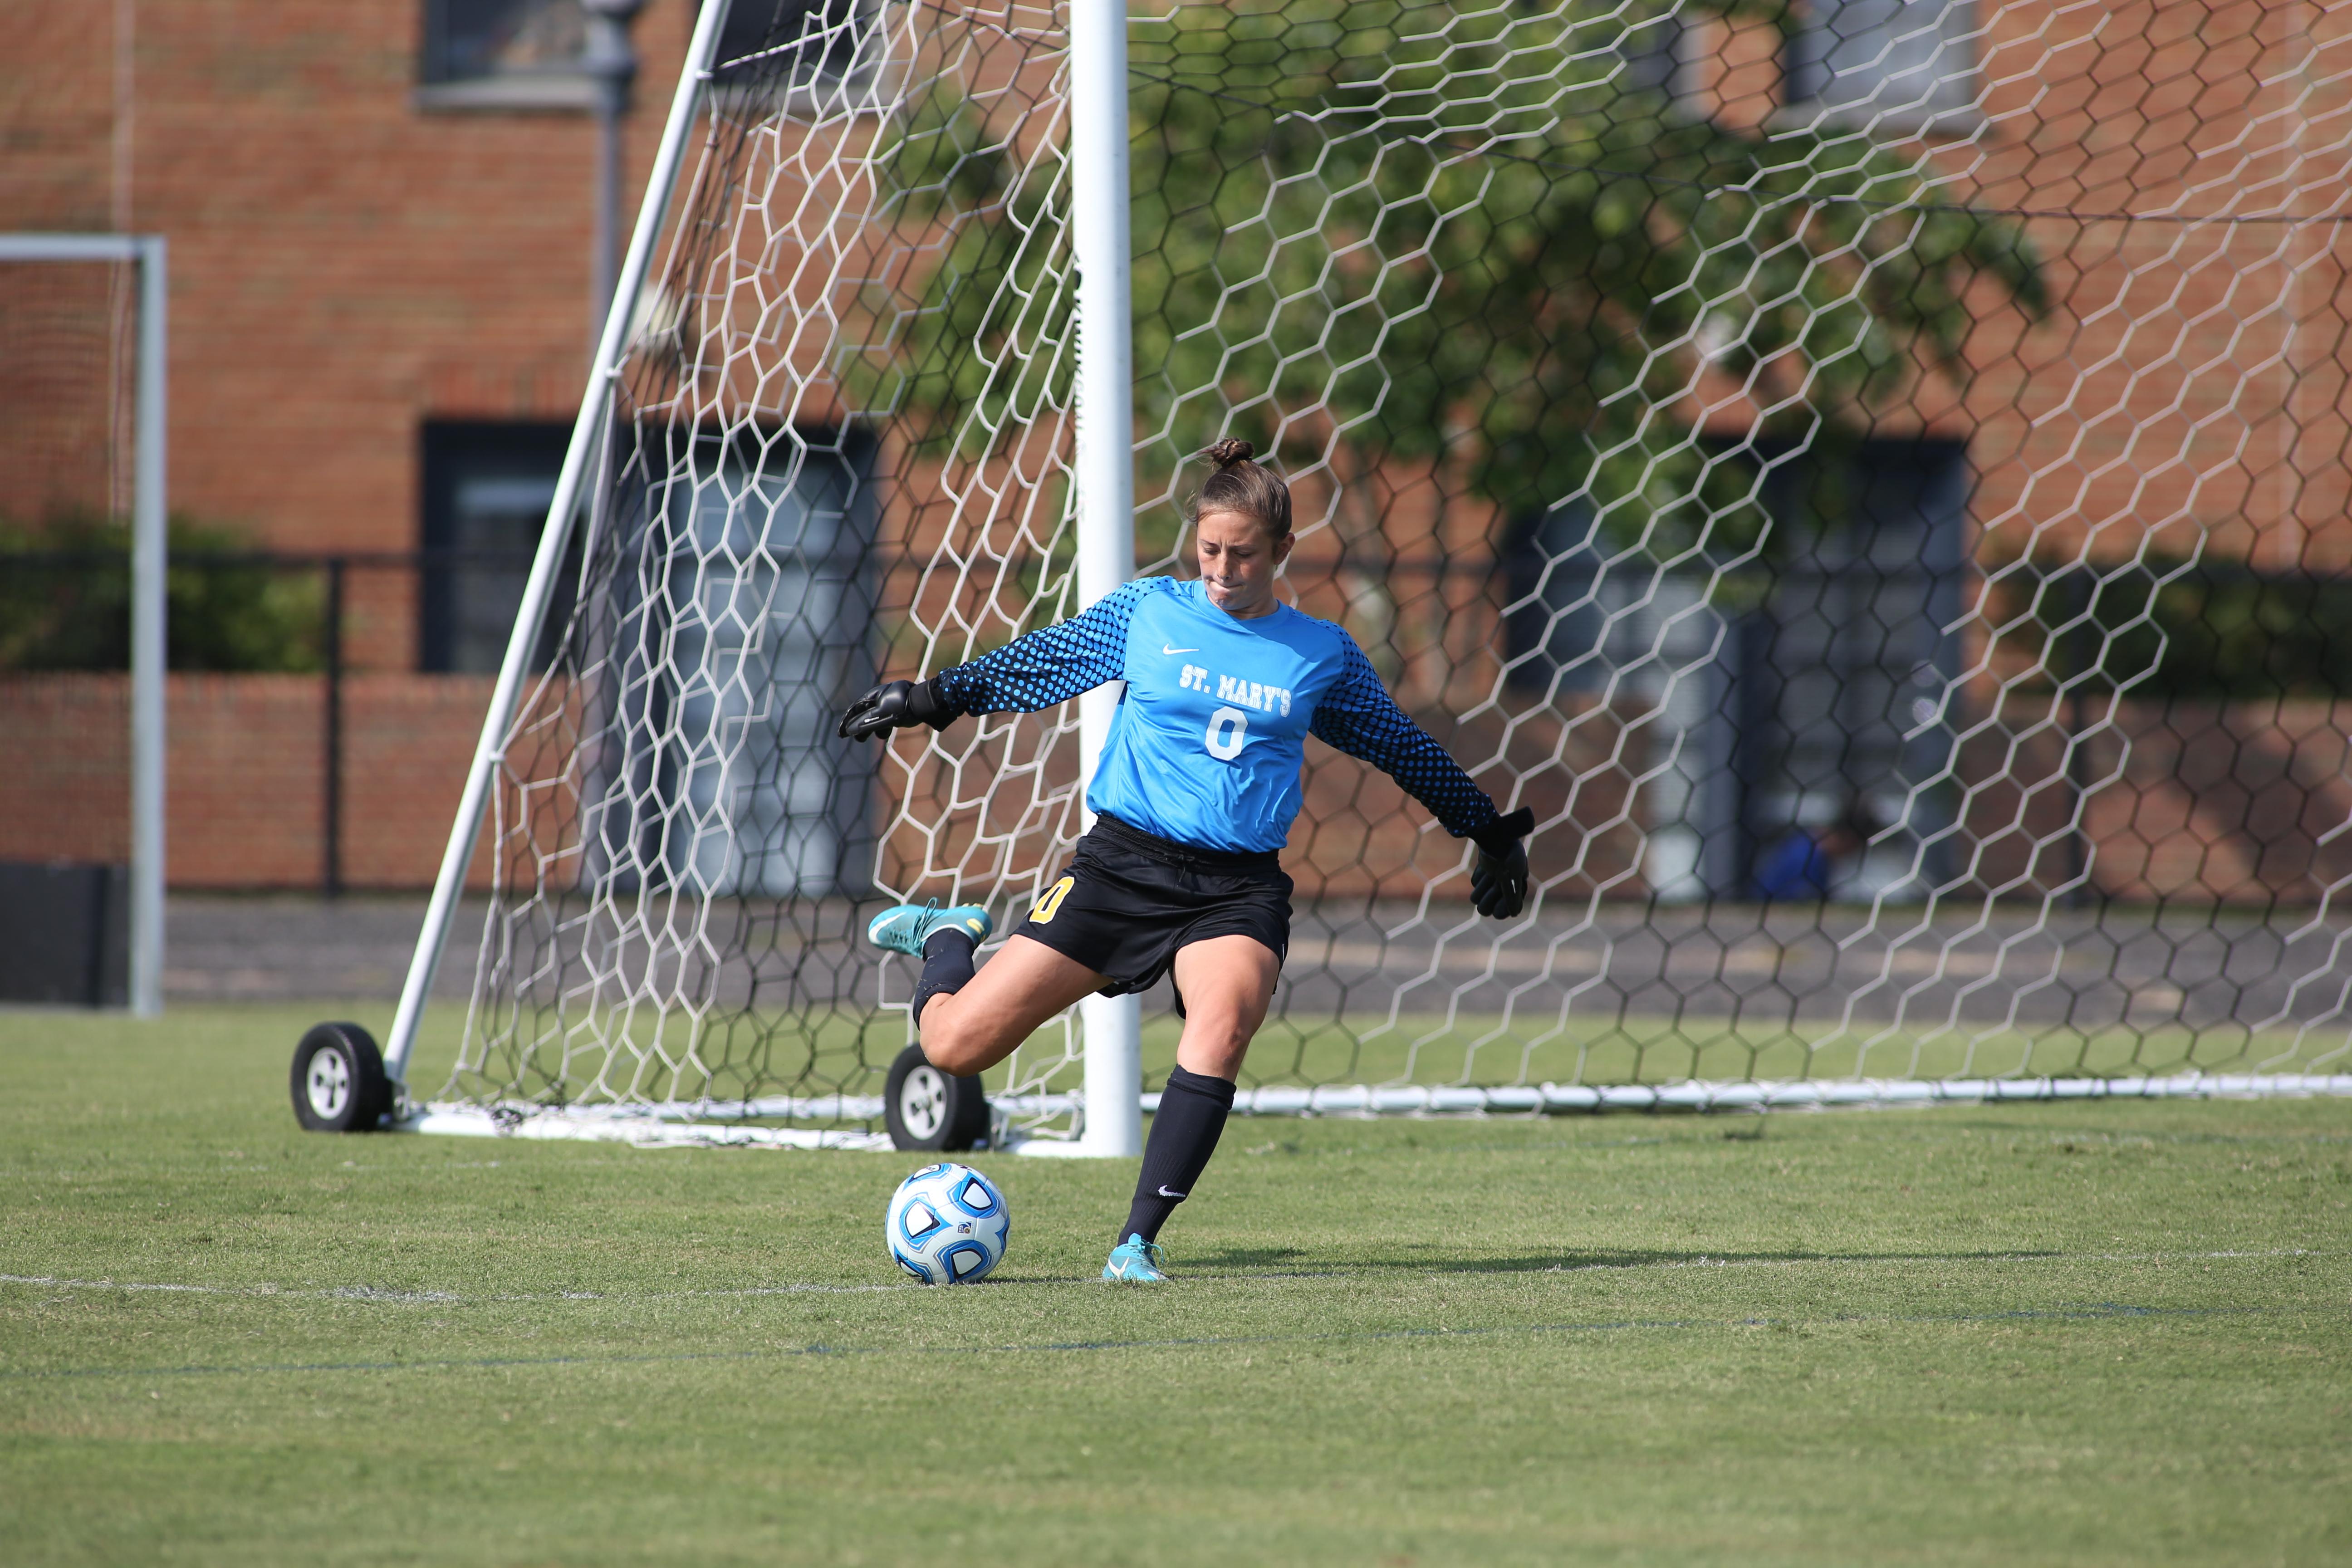 A SMCM Women's Soccer goalie kicking a ball